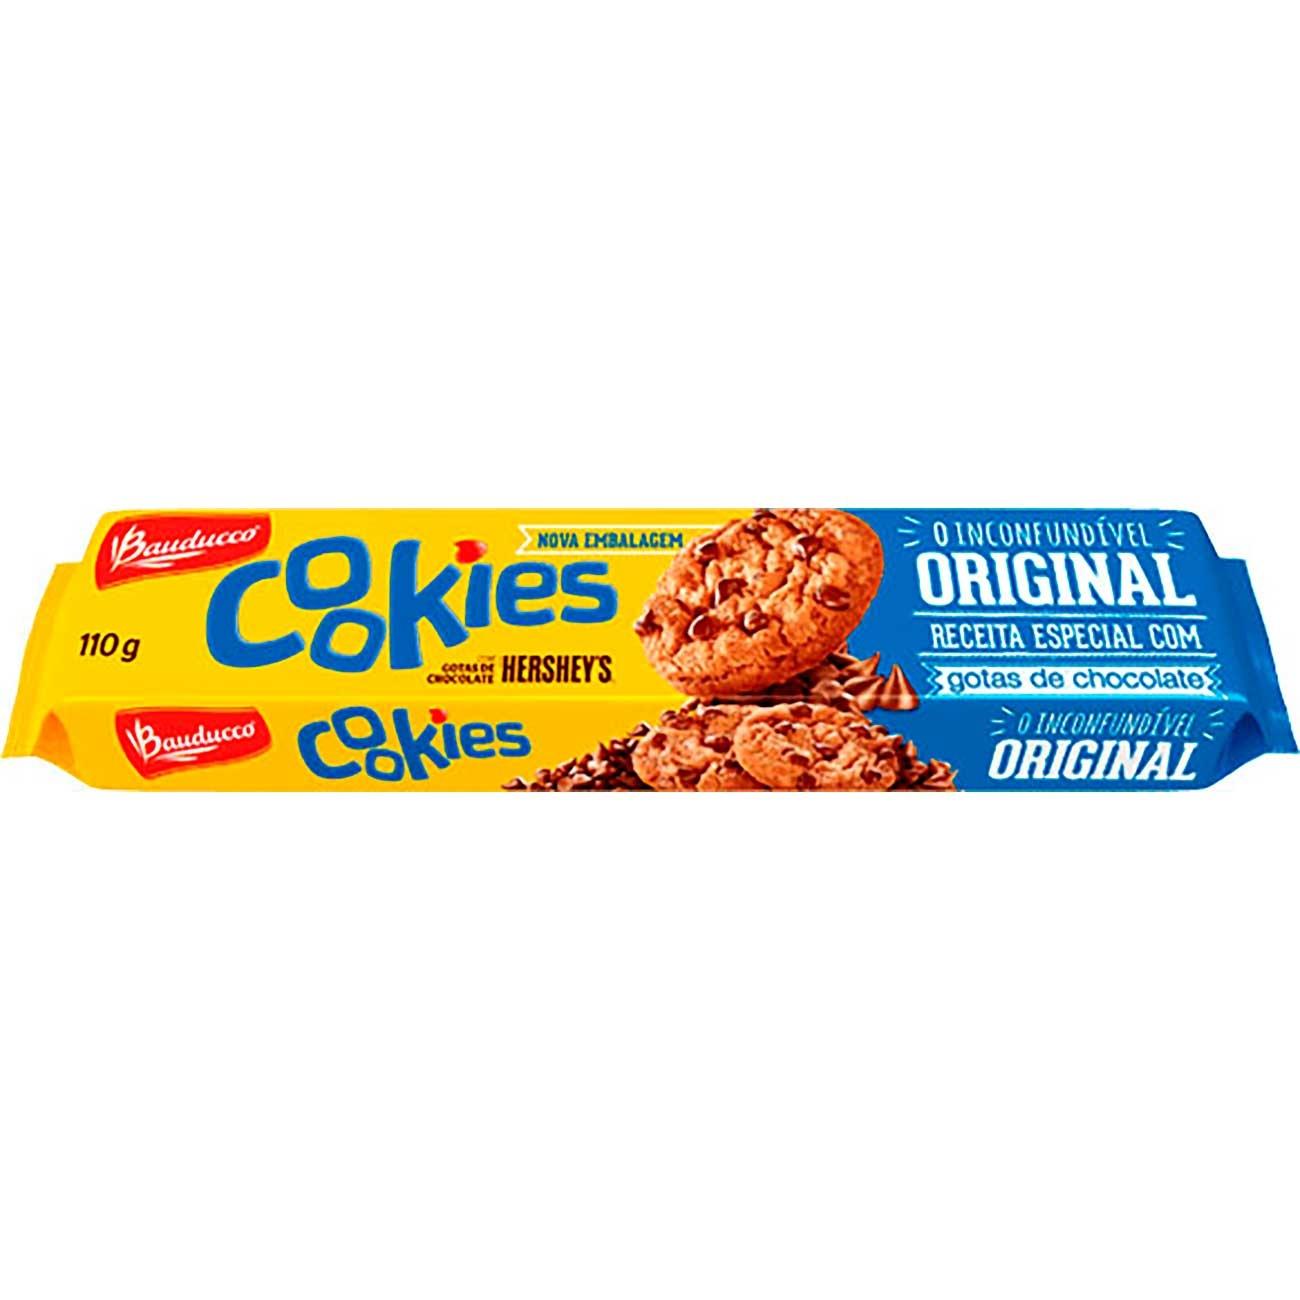 Biscoito Cookies Bauducco Original 110g | Caixa com 40 unidades